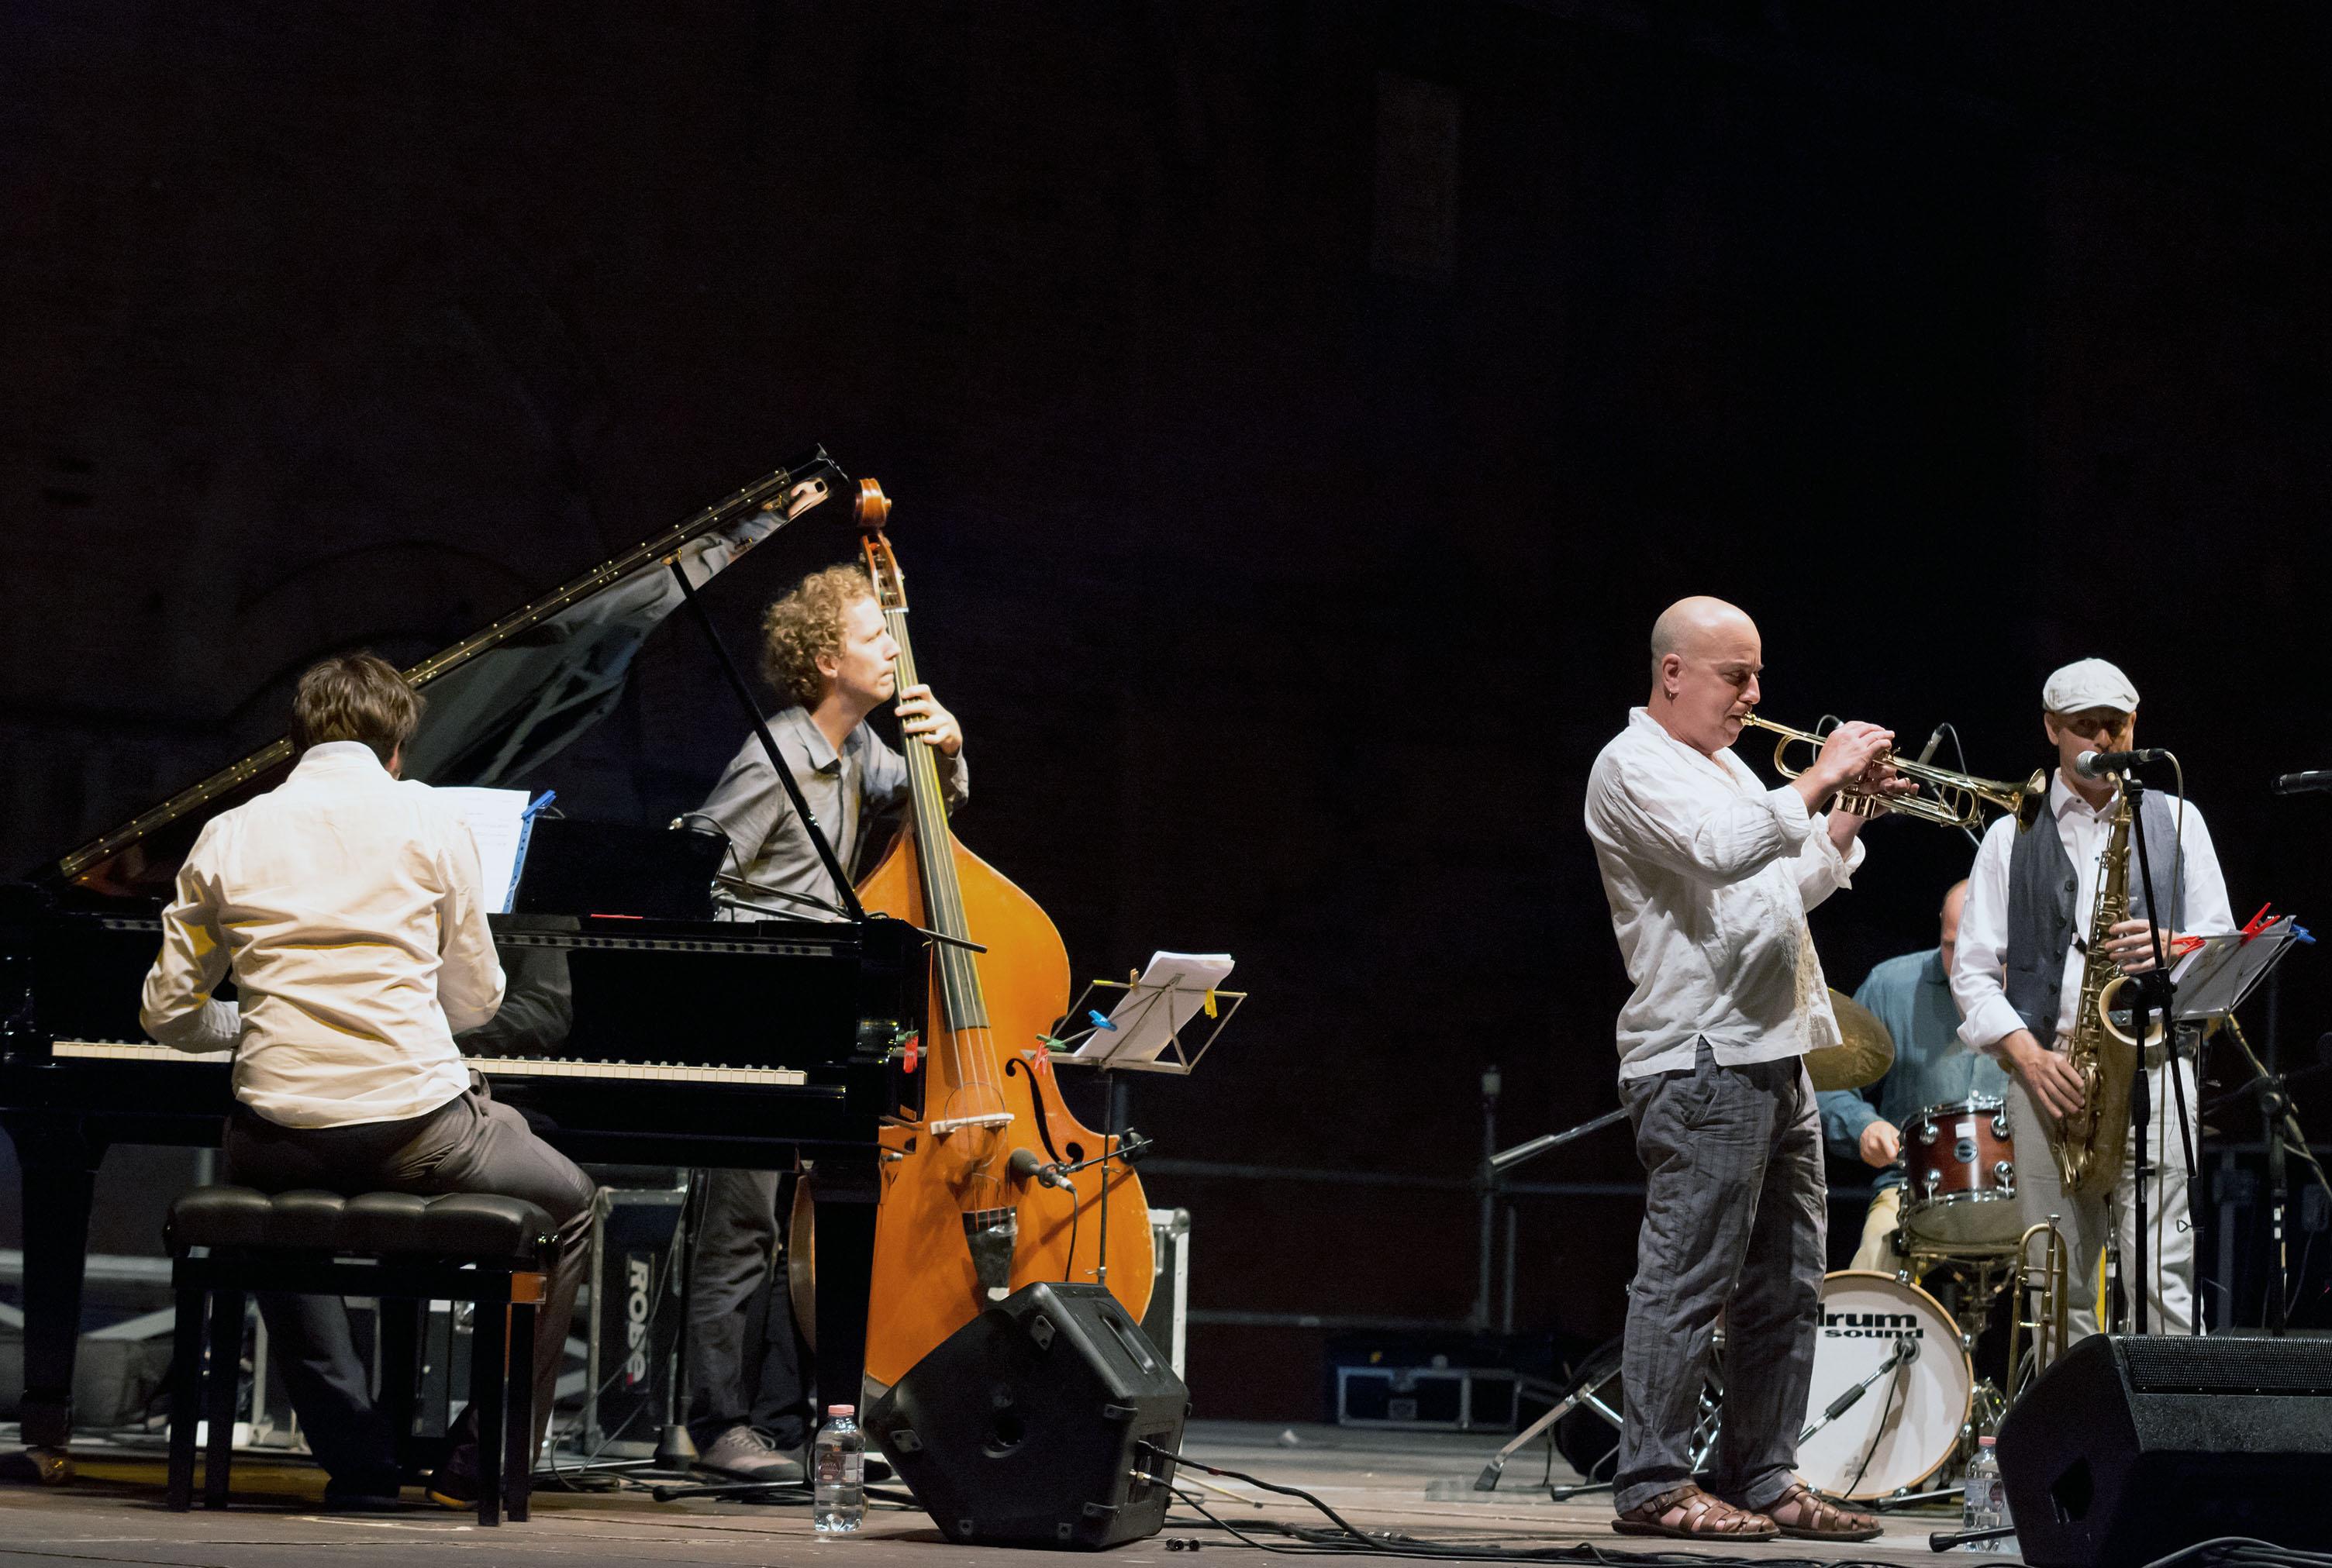 Live performance, 2013 siena jazz academy summer workshop